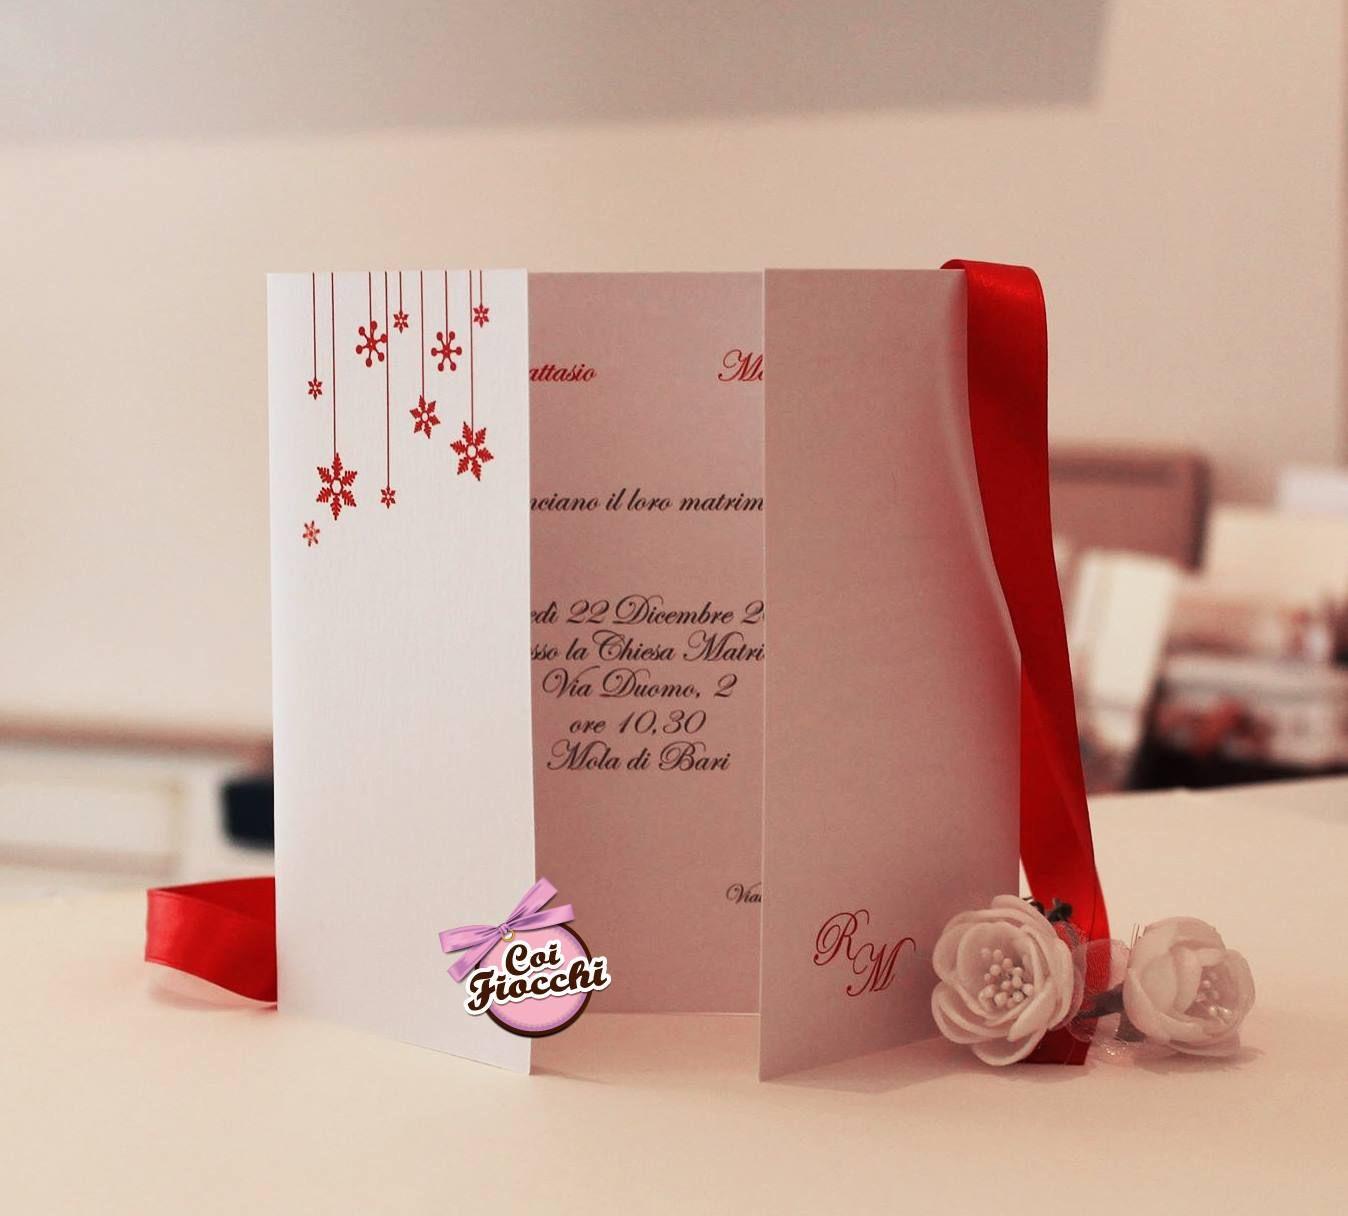 Inviti Matrimonio Natalizio : Partecipazione di nozze per il matrimonio natalizio dei